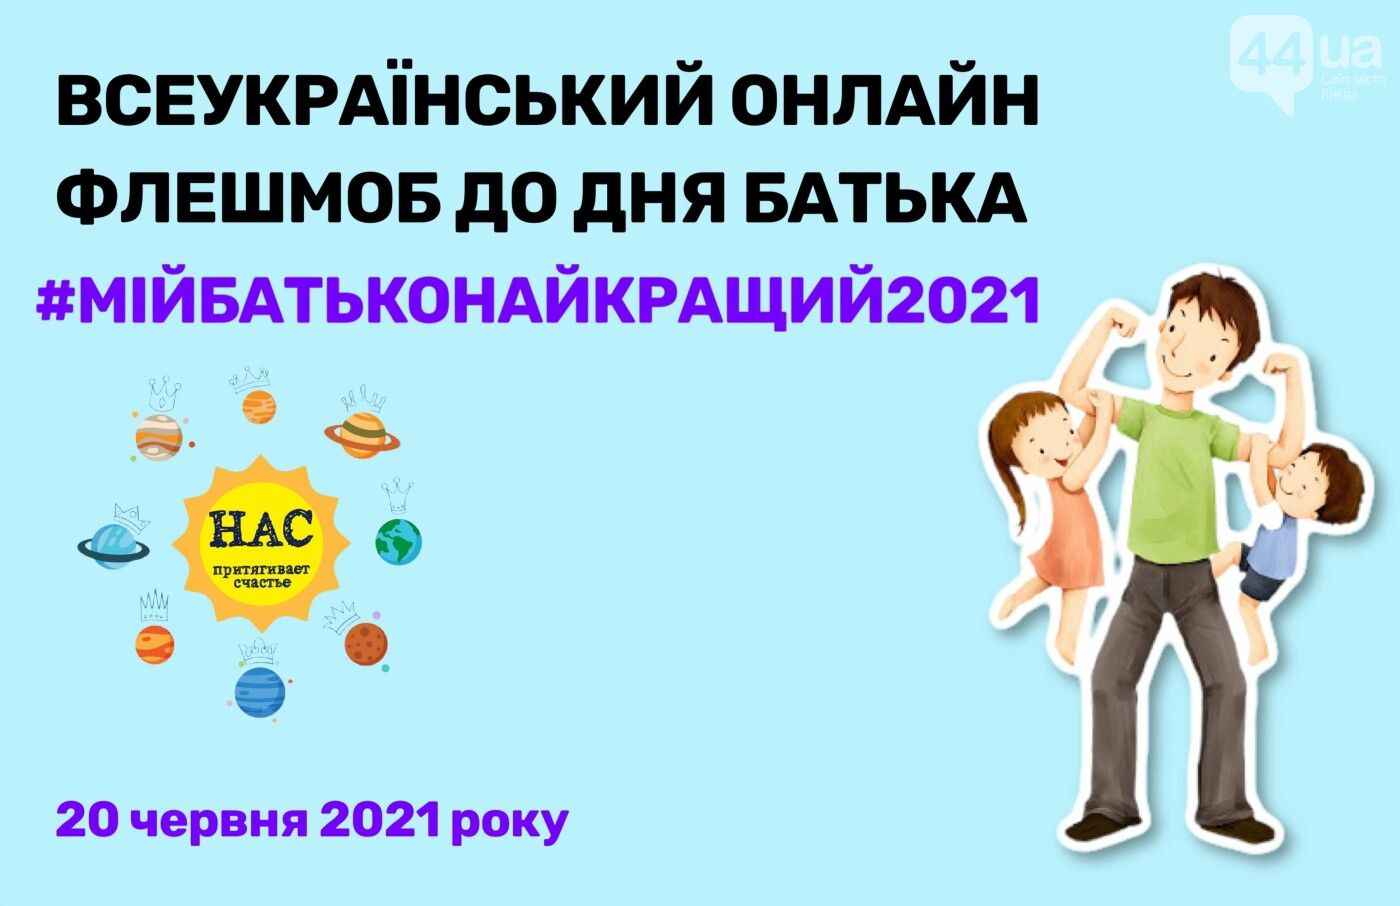 Всеукраїнський онлайн флешмоб #мійбатьконайкращий2021, фото-1